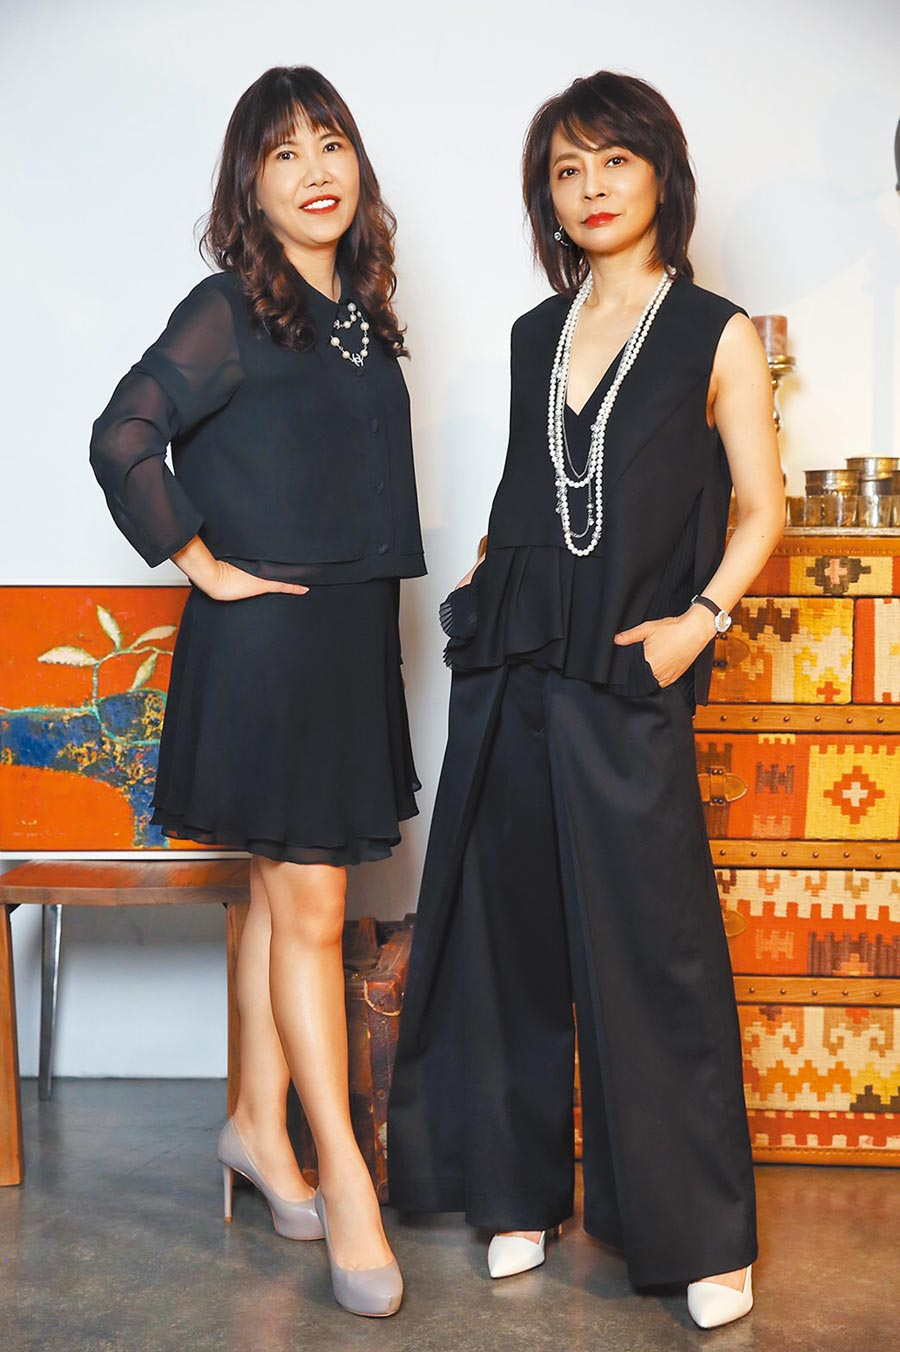 柴智屏(右)邀張正芬擔任總經理,一起為台灣影視產業努力。